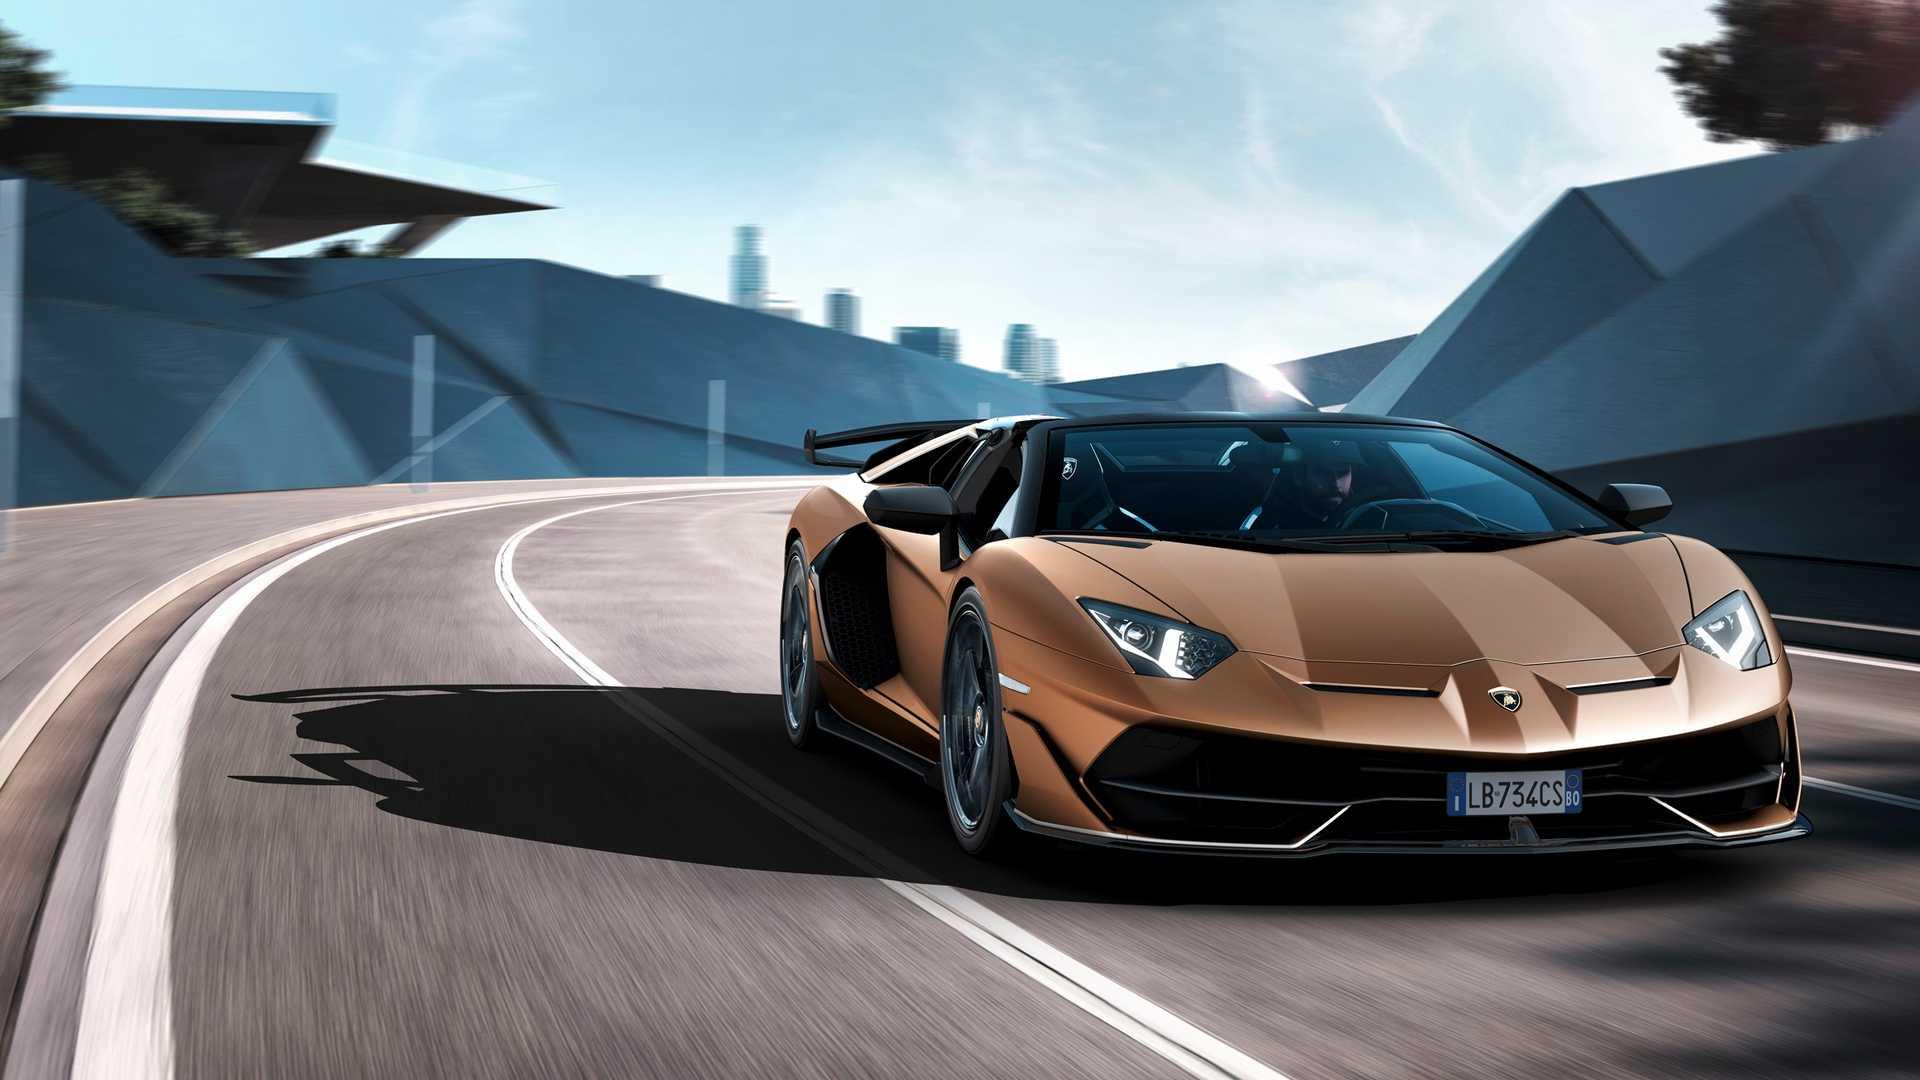 2020 Lamborghini Aventador Svj Roadster Wallpapers 35 Hd Images Newcarcars